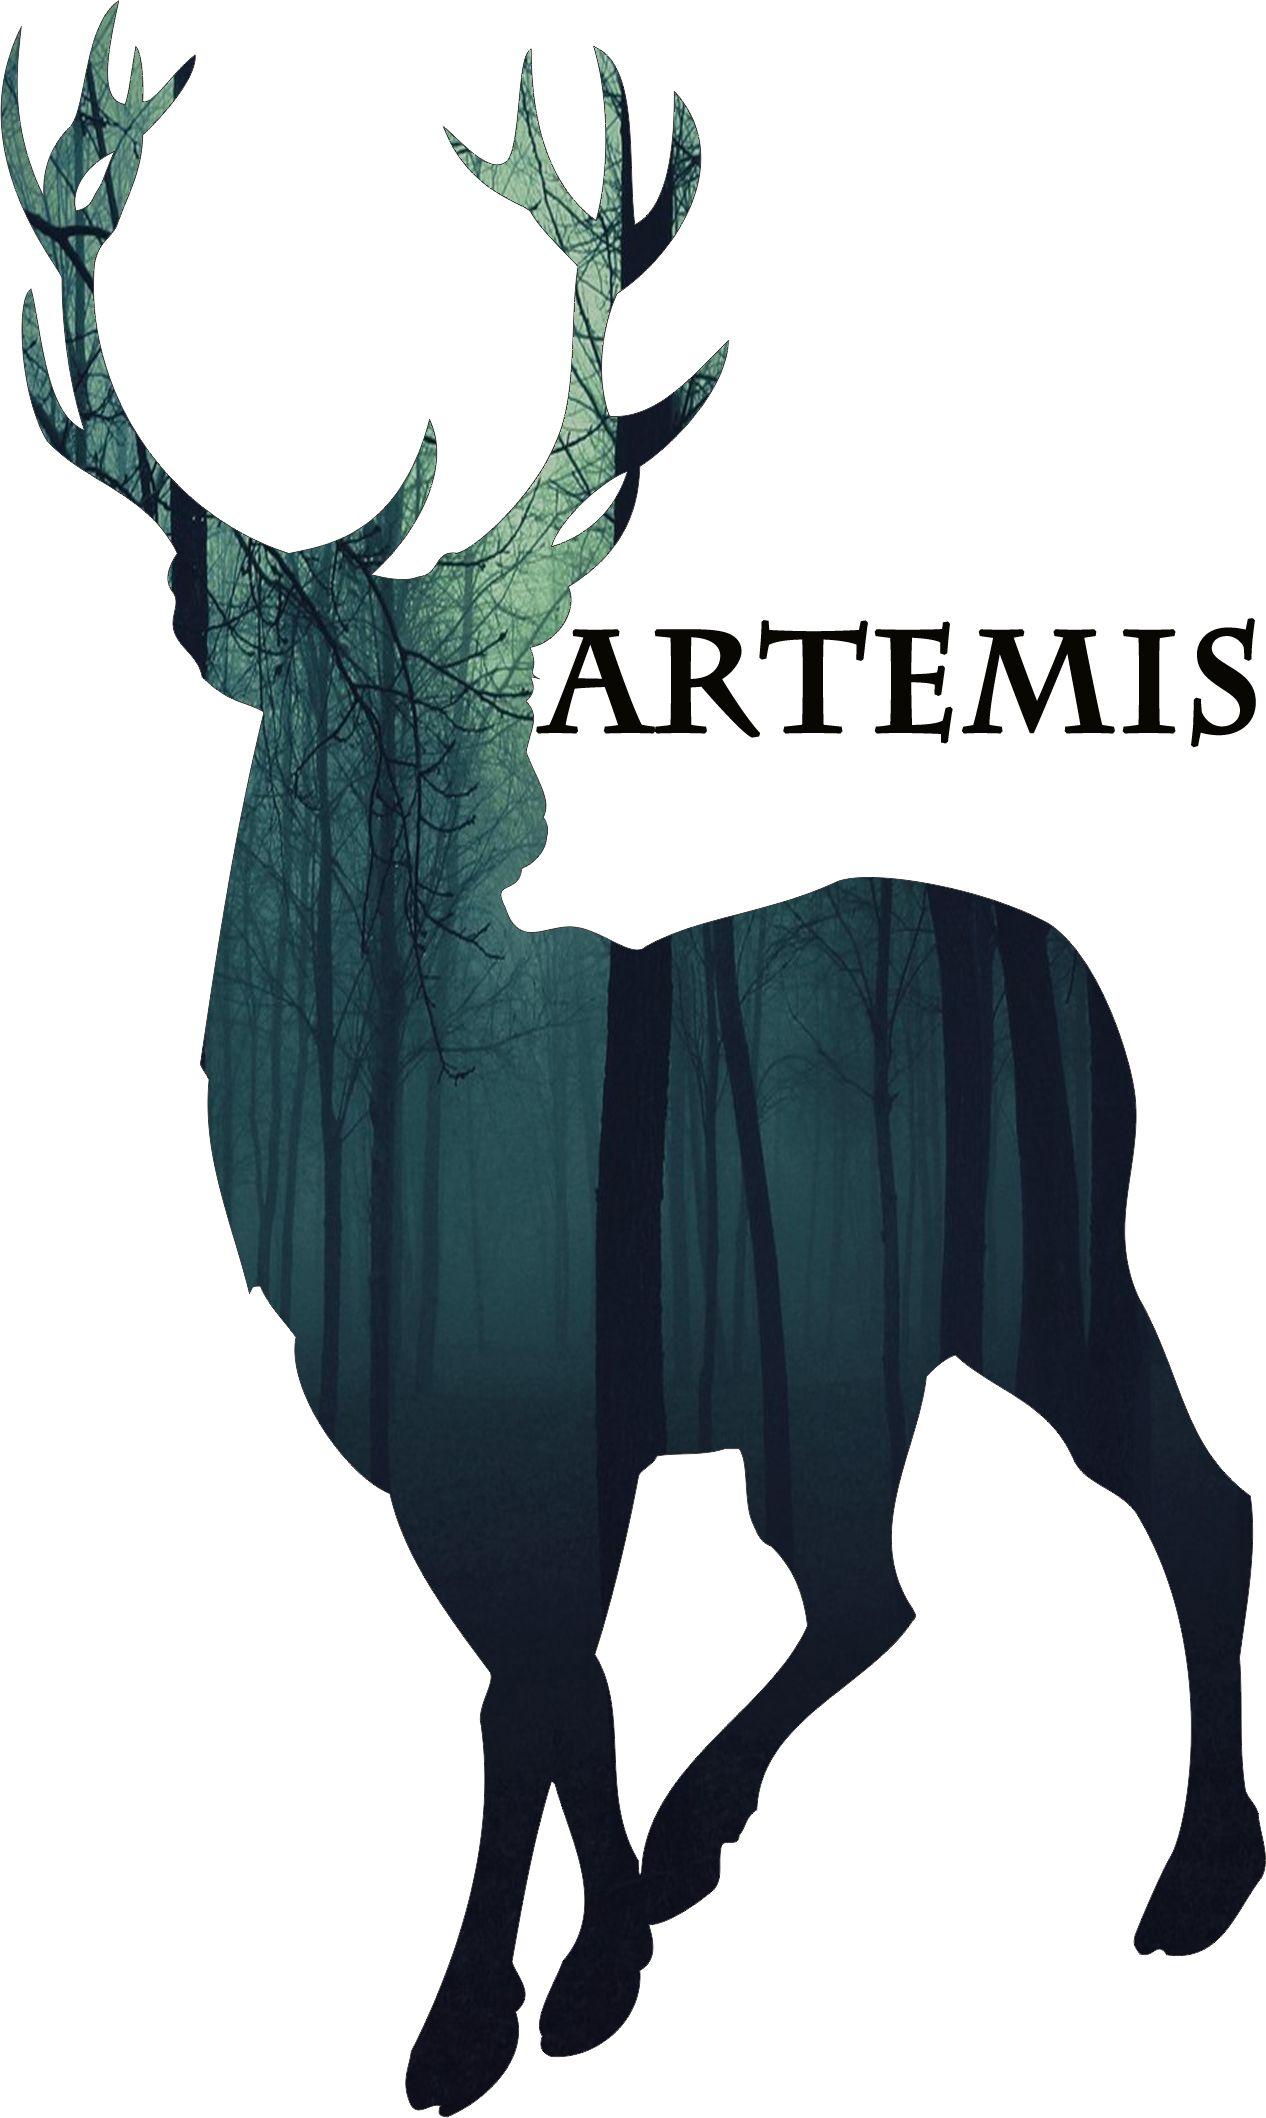 Decor Art Greek Mythology Artemis Deer On A Book Or Something